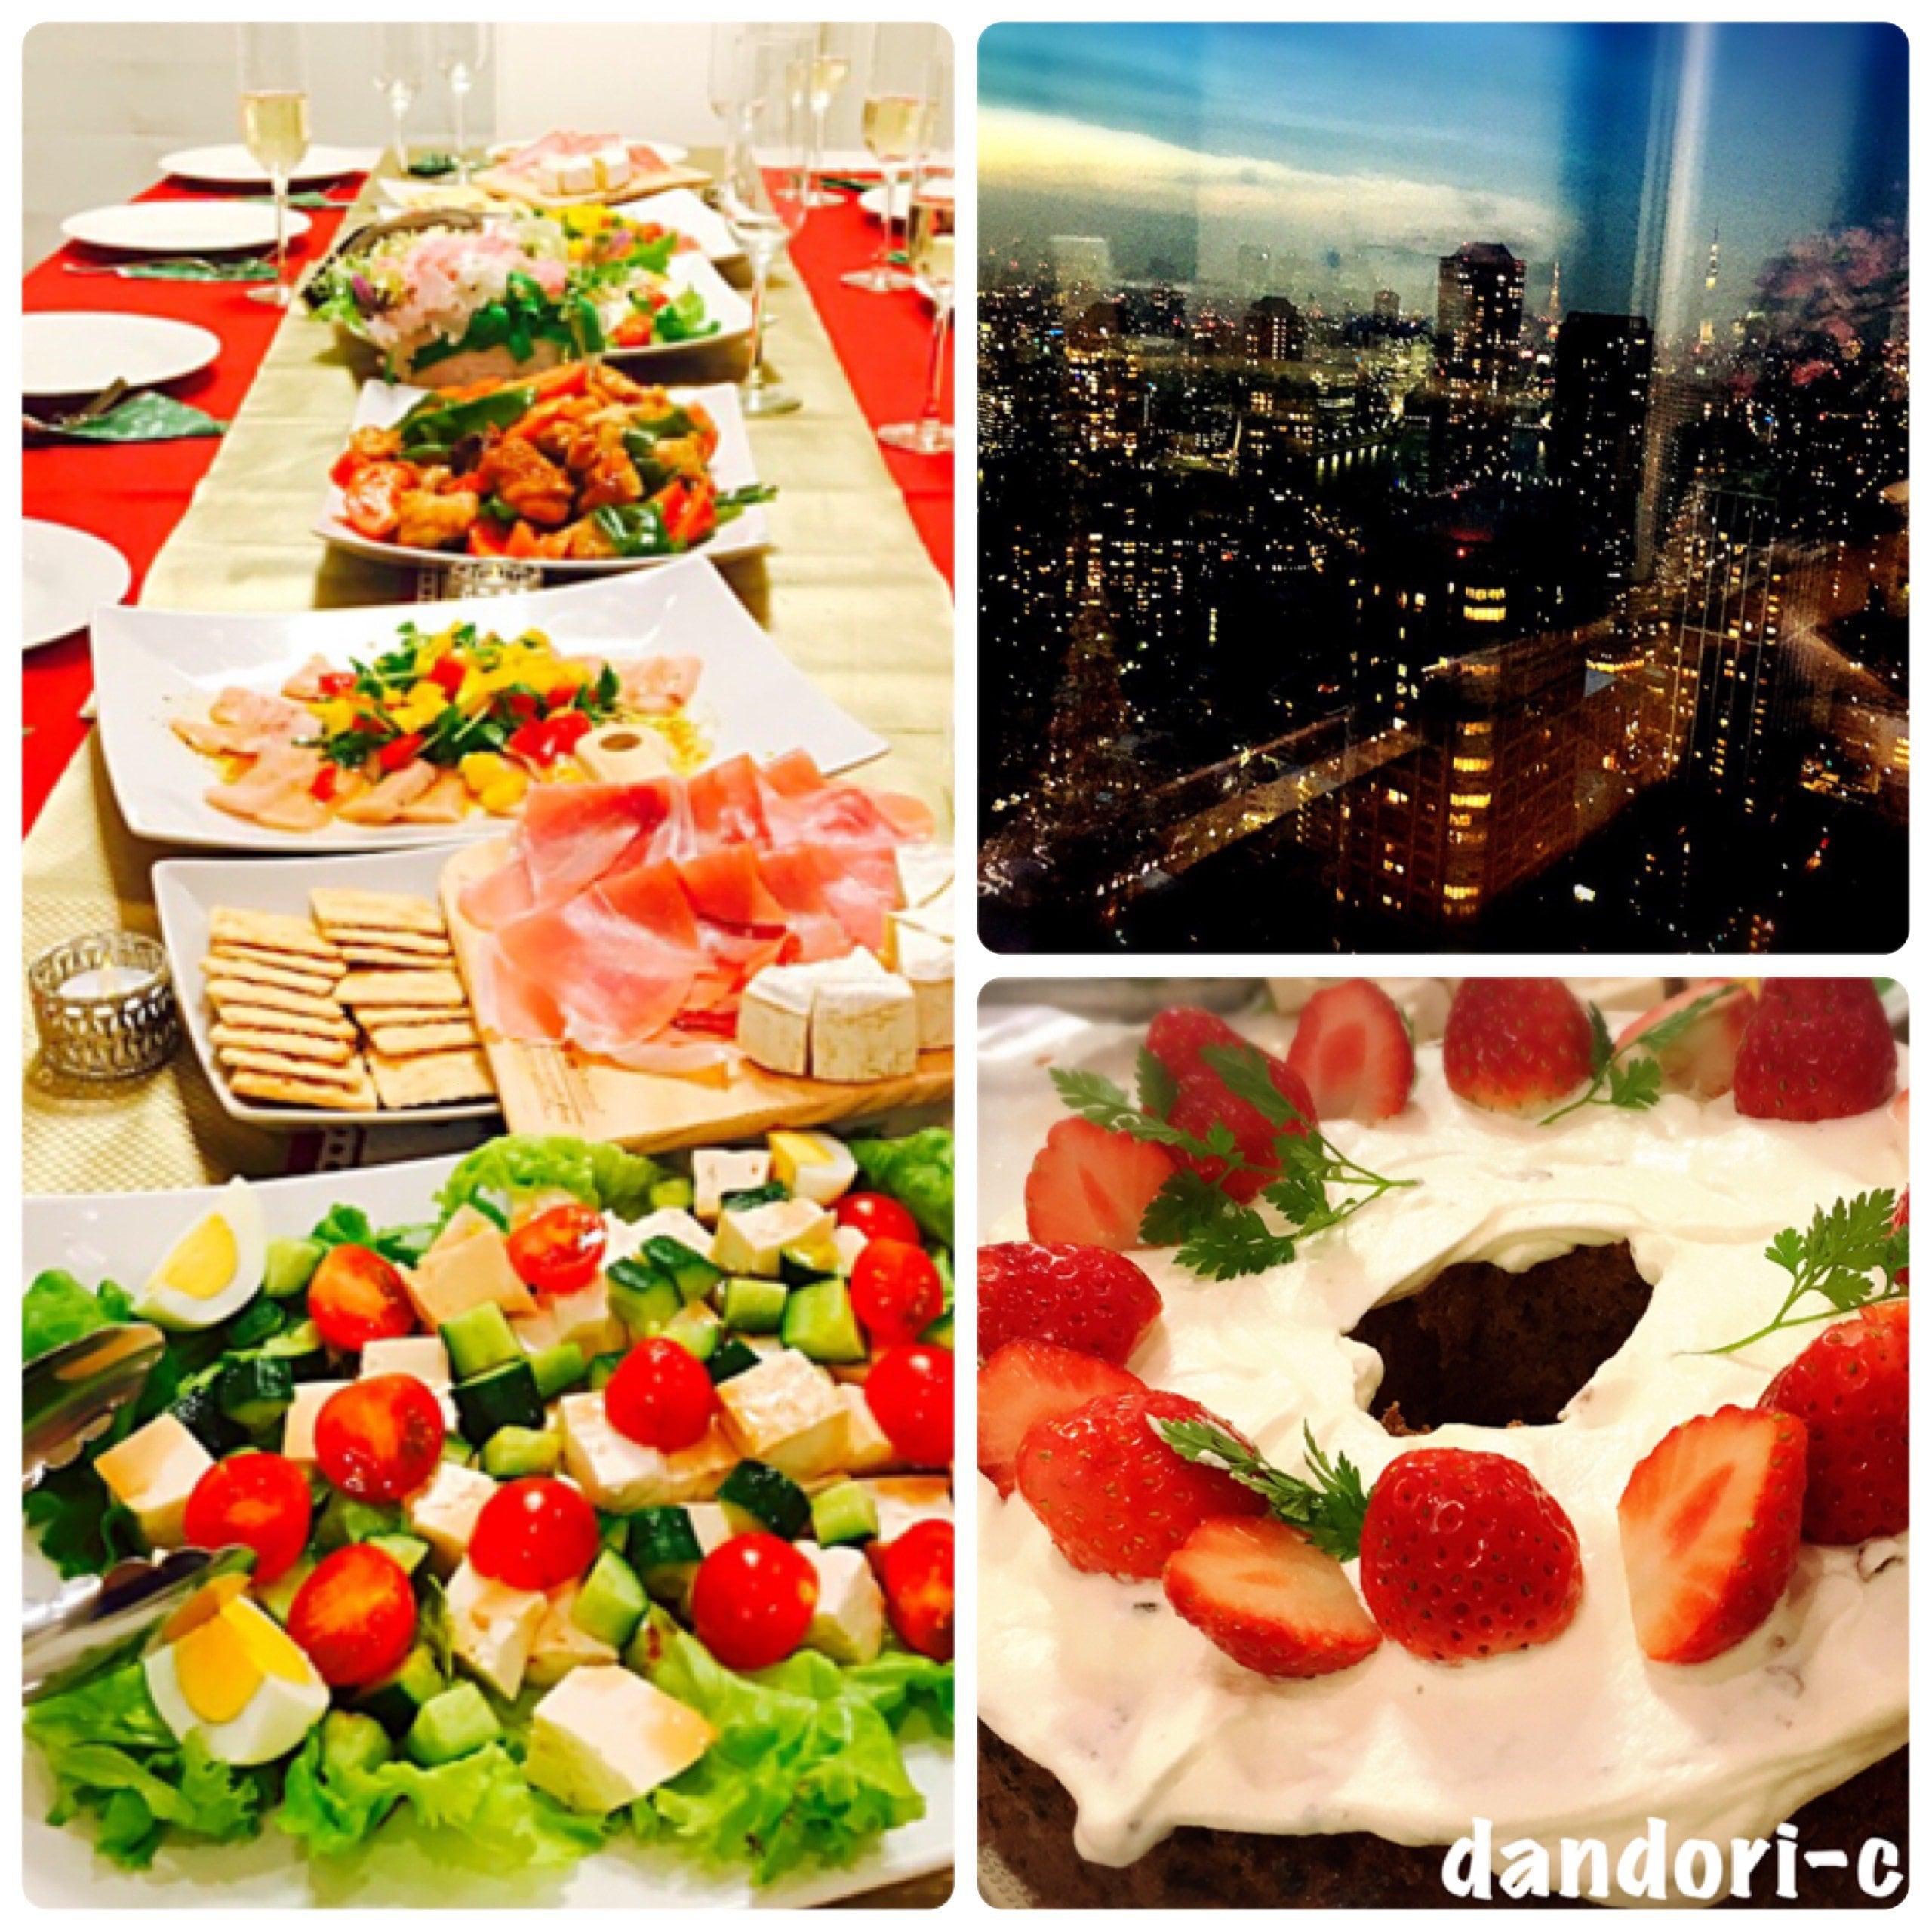 【6/24 日 中央区】手料理ランチ会男性用のイメージその3